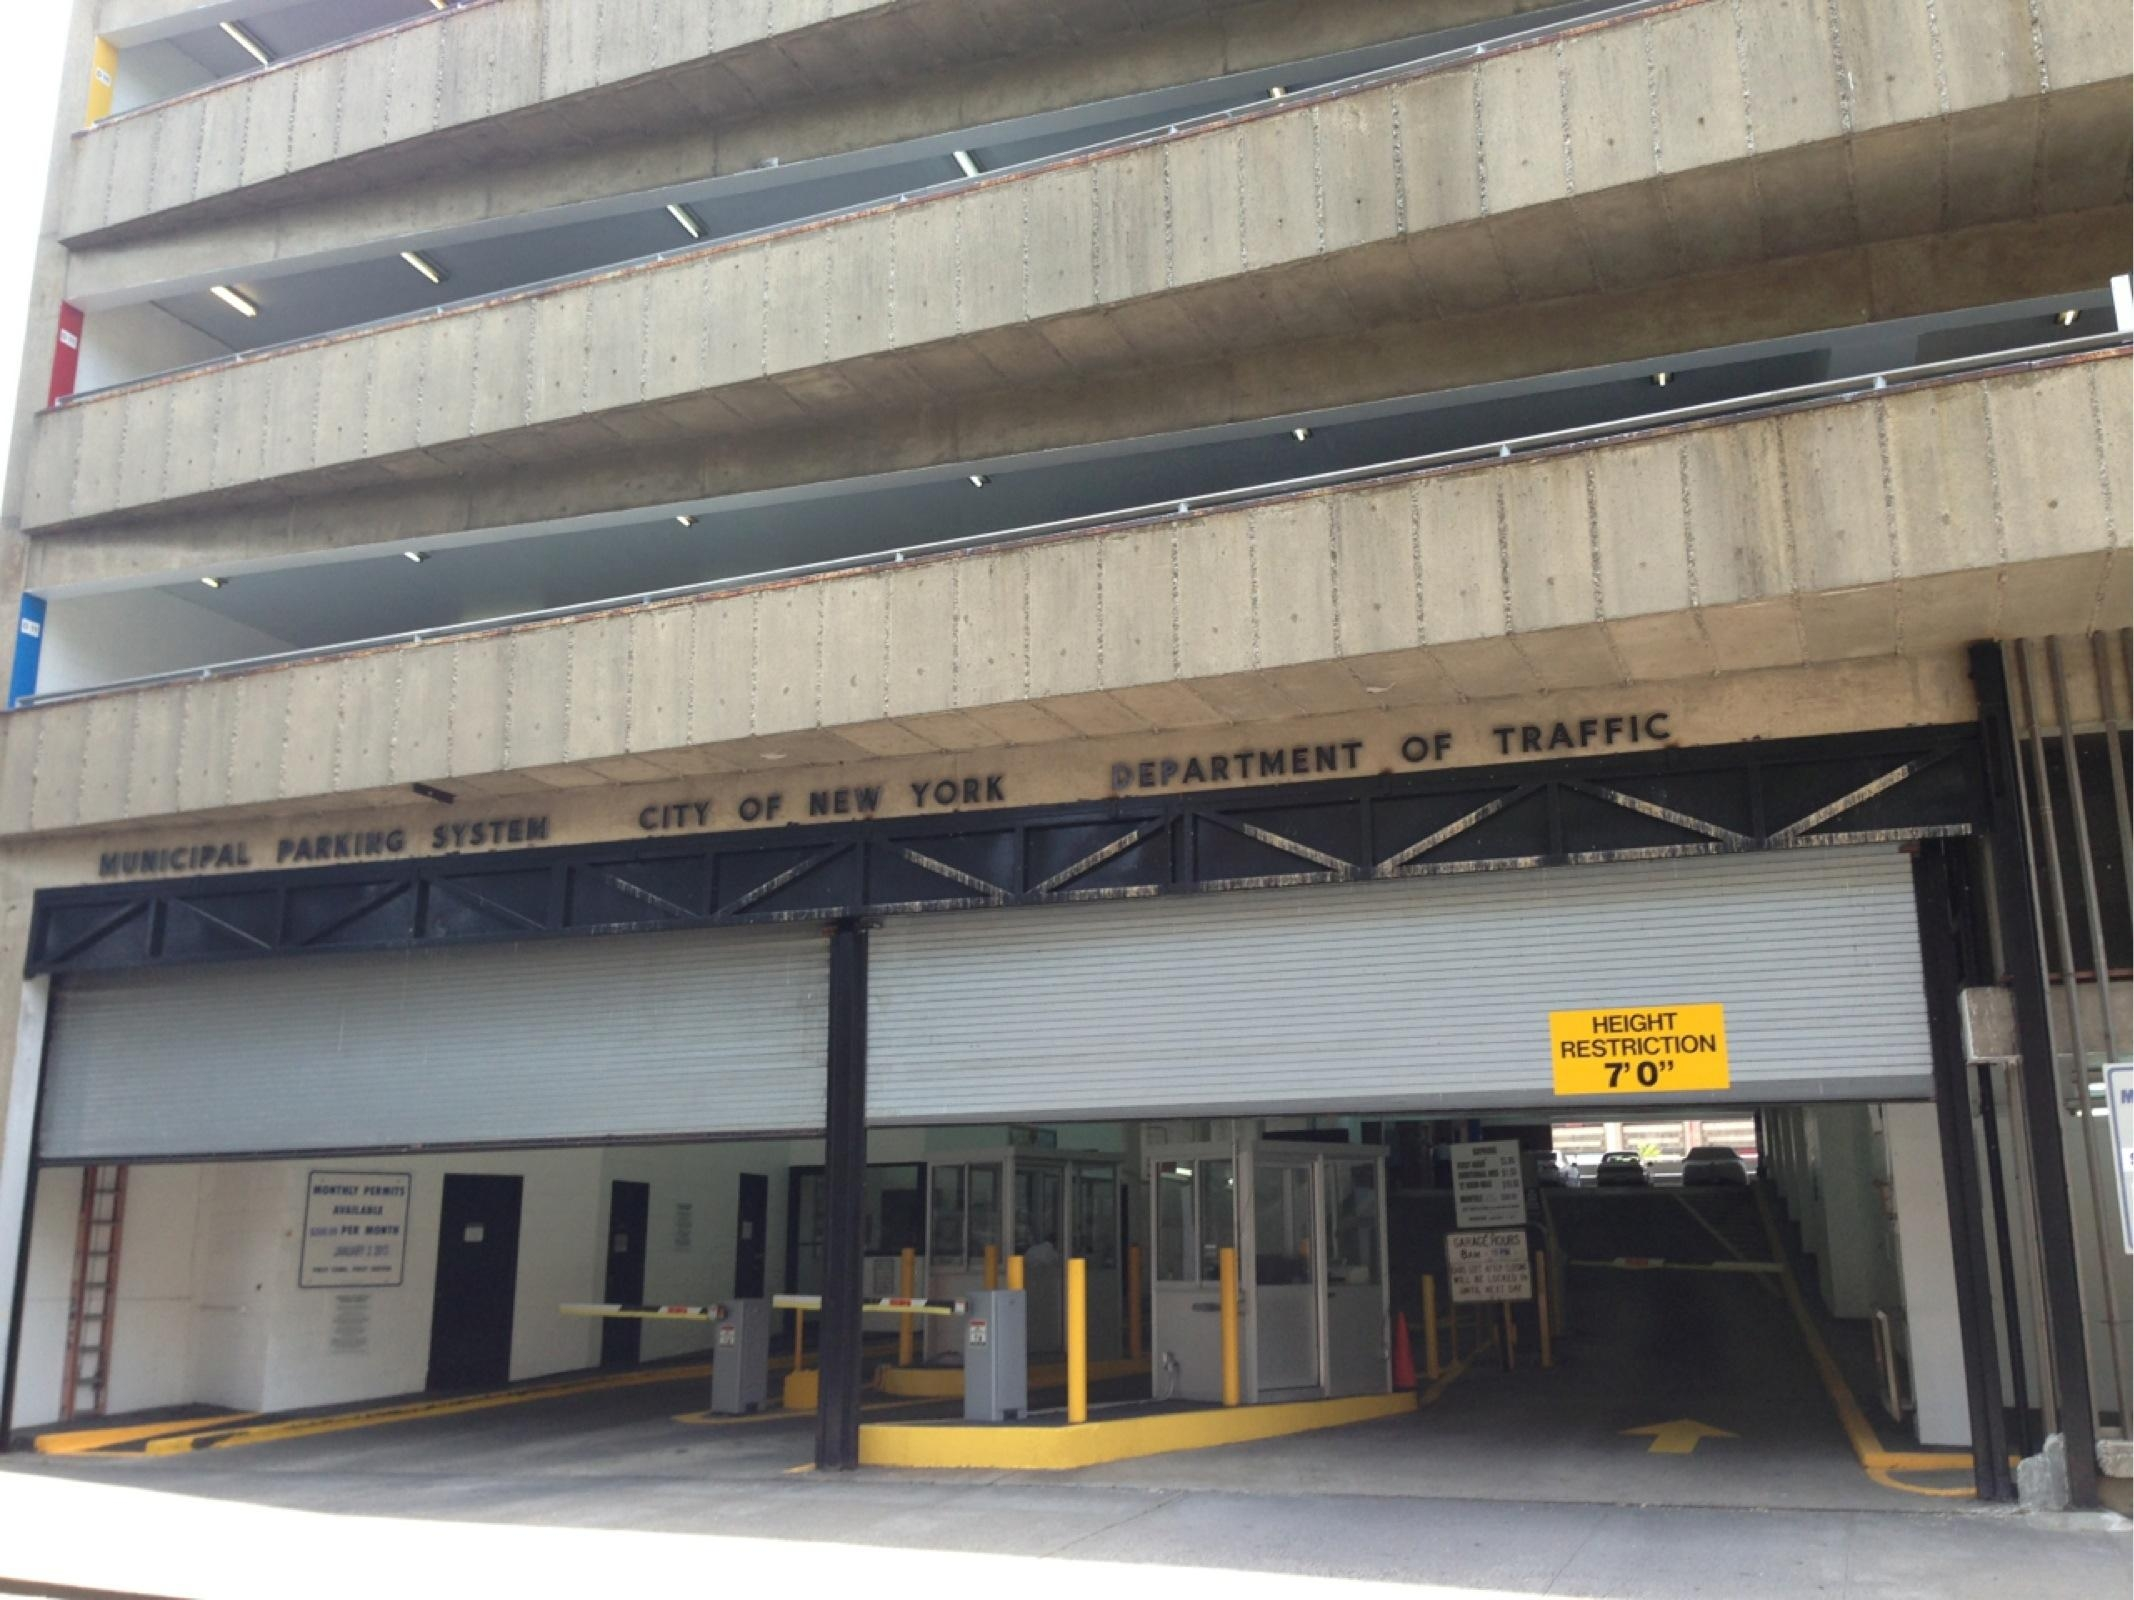 Bay ridge municipal parking garage parking in new york for New york parking garage